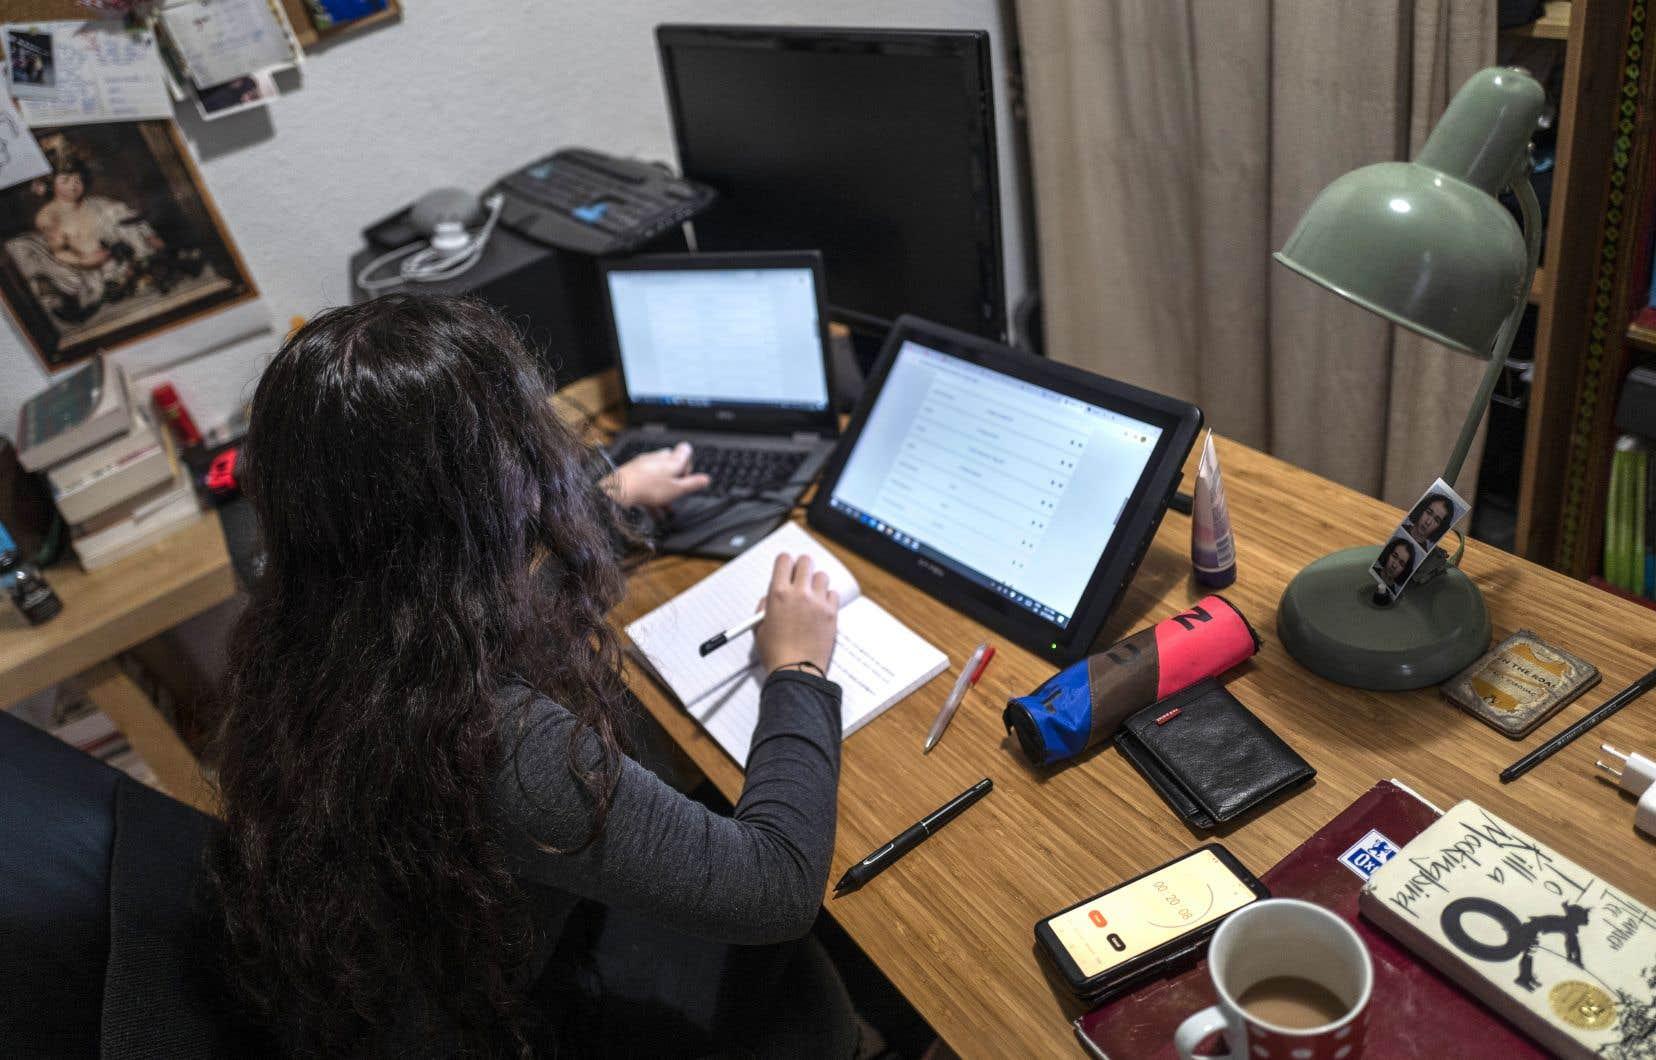 Lorsqu'elle travaille de son domicile, Marie (nom fictfif) dit écrire ses notes dans un document Word et devoir les transférer dans le système une fois au bureau. «Je perds du temps», dit-elle.